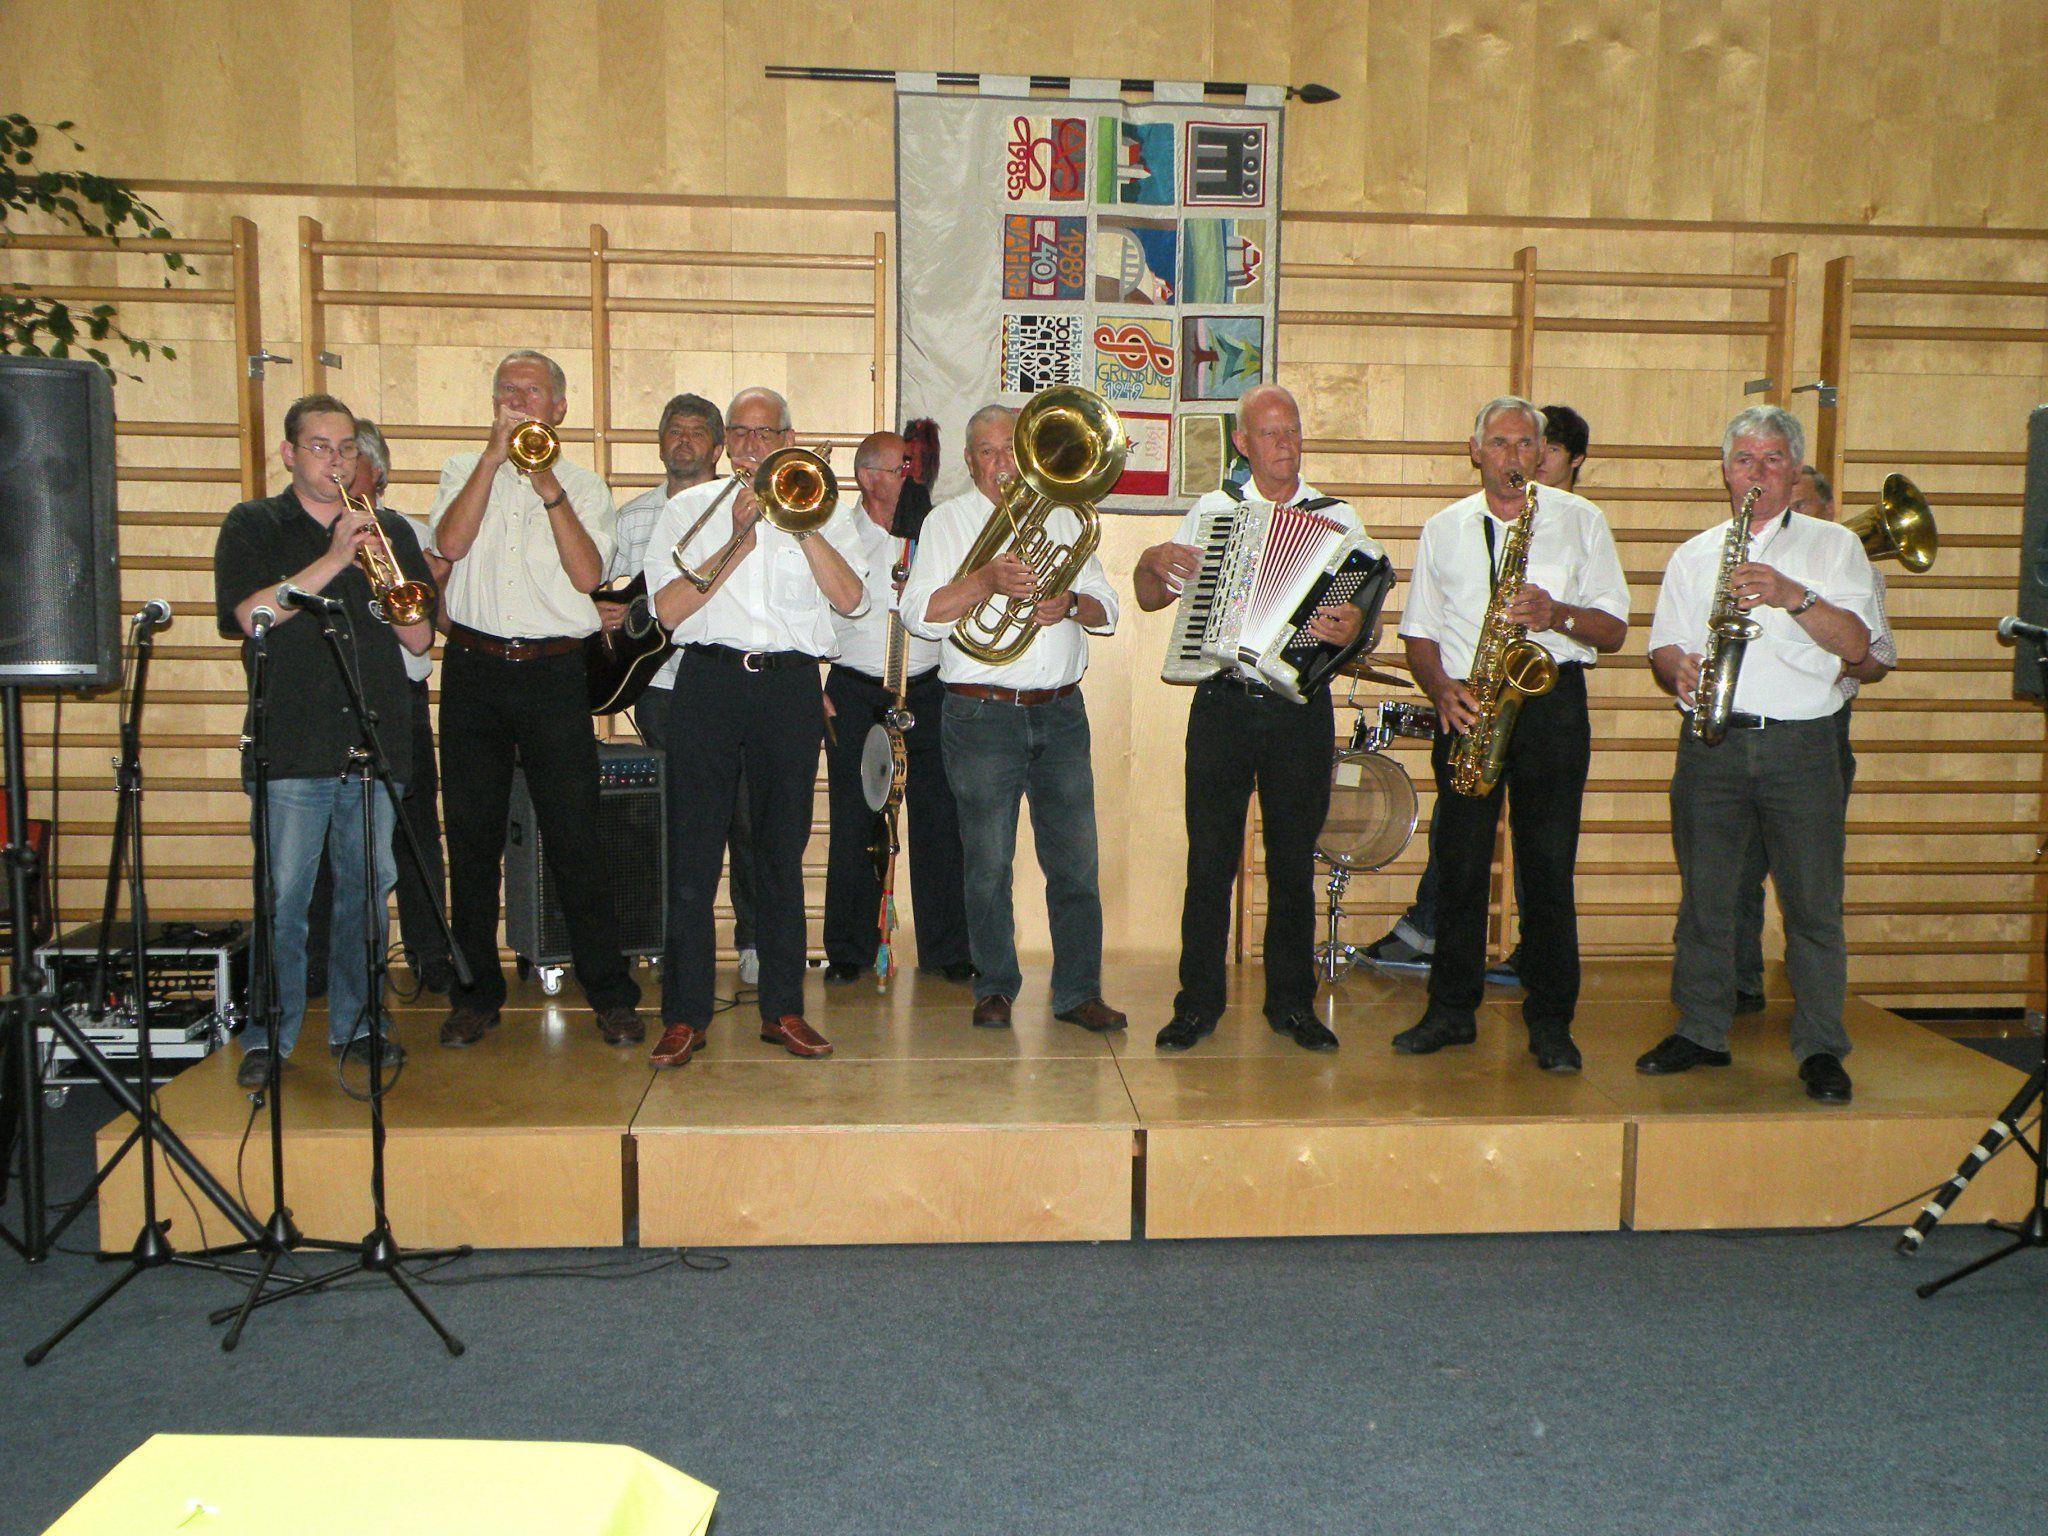 Die Tostner Straßenmusikanten beim Musikalischen Brunch des Liederhort Tosters